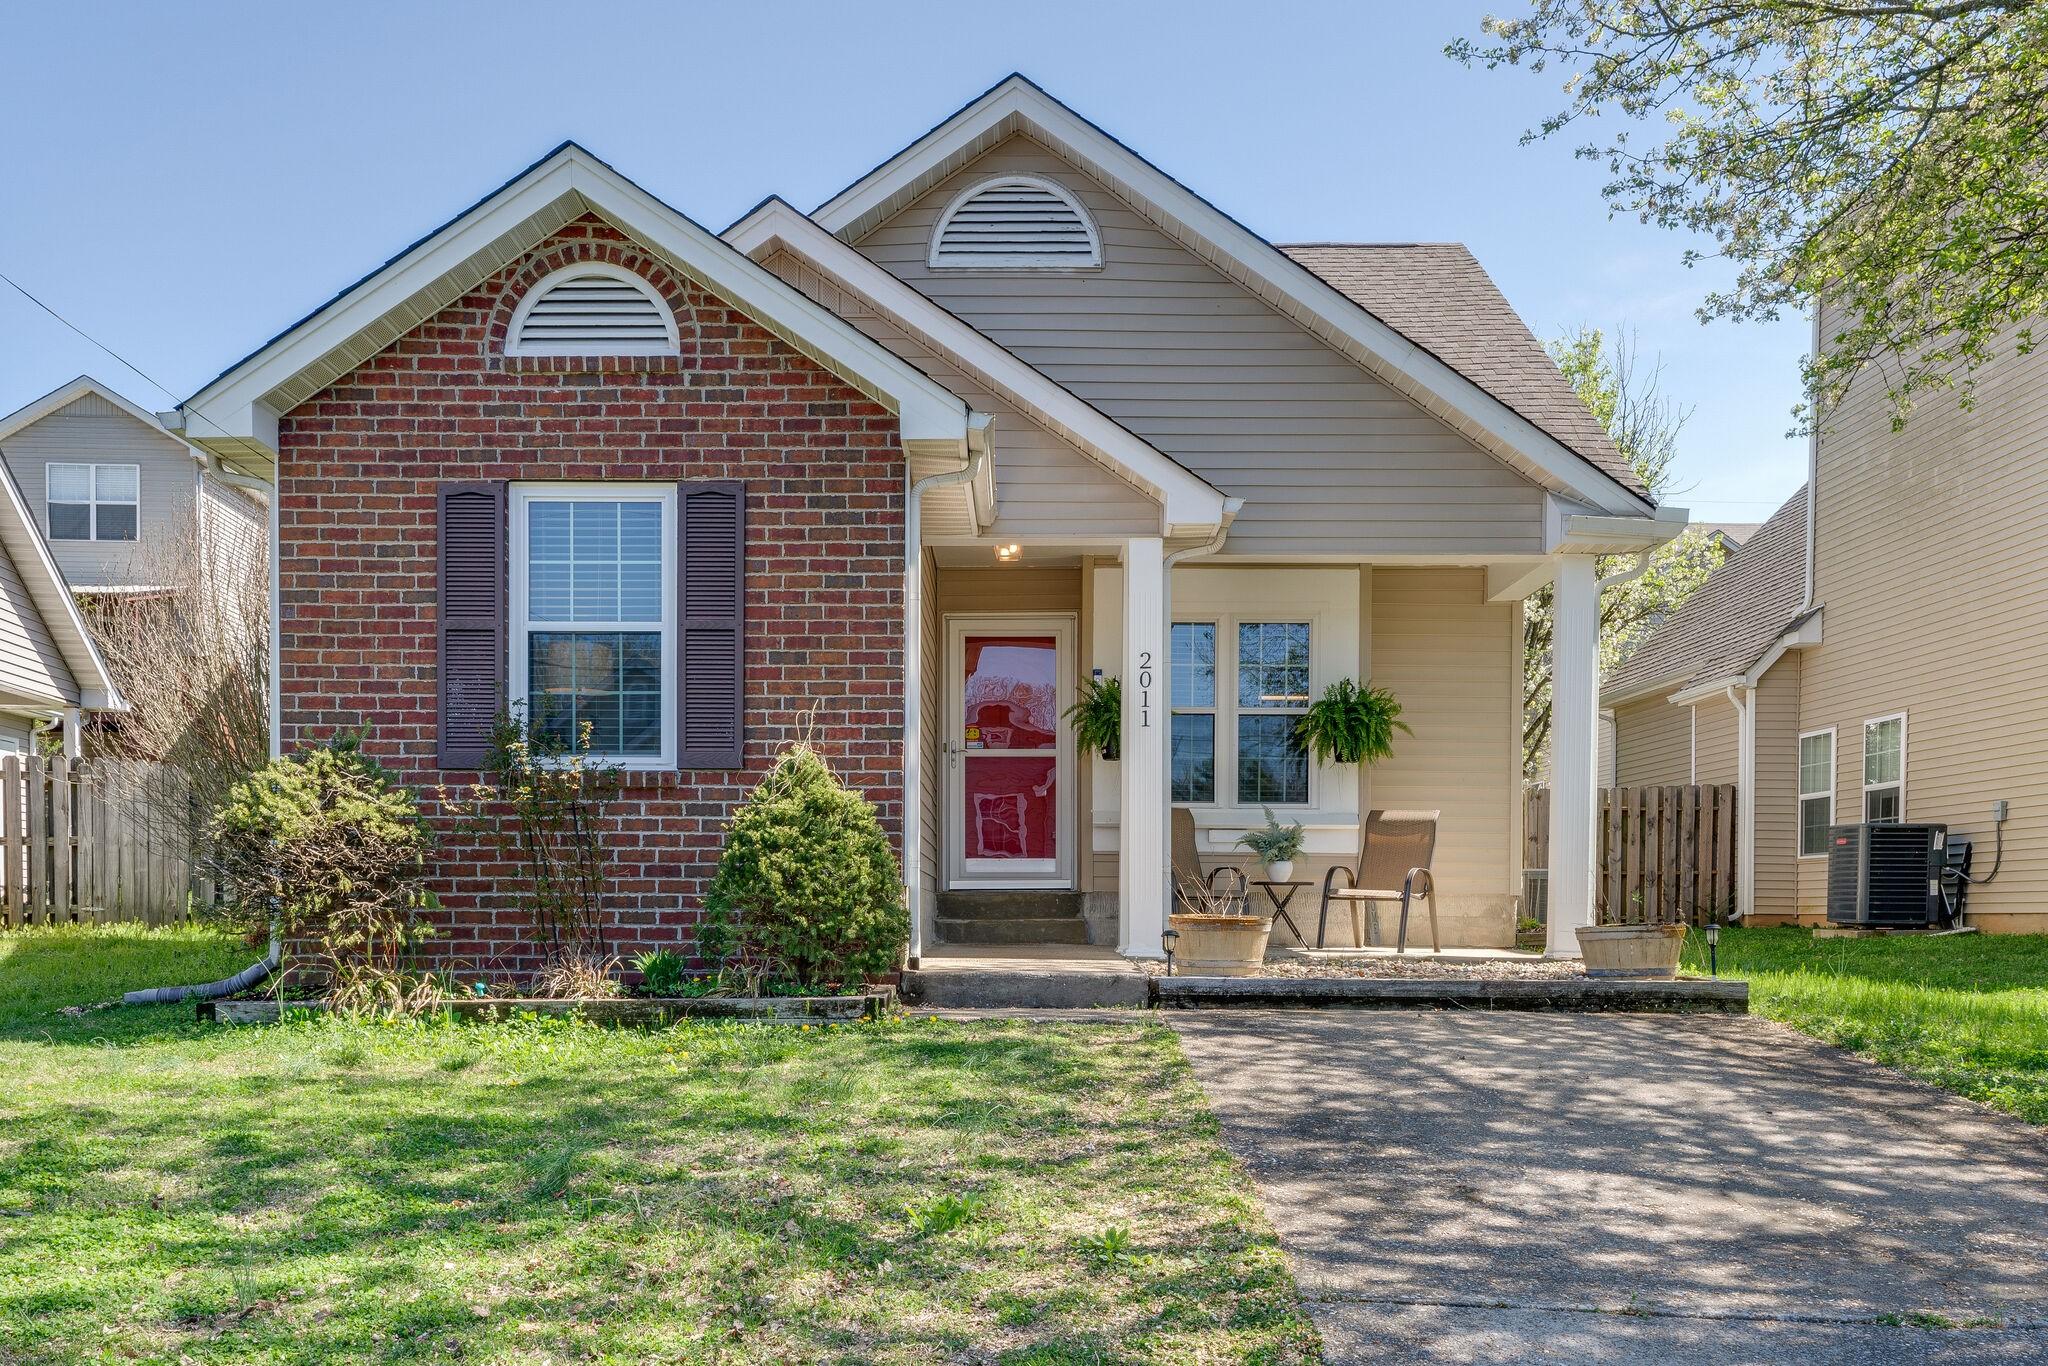 2011 Mansker Dr Property Photo - Goodlettsville, TN real estate listing